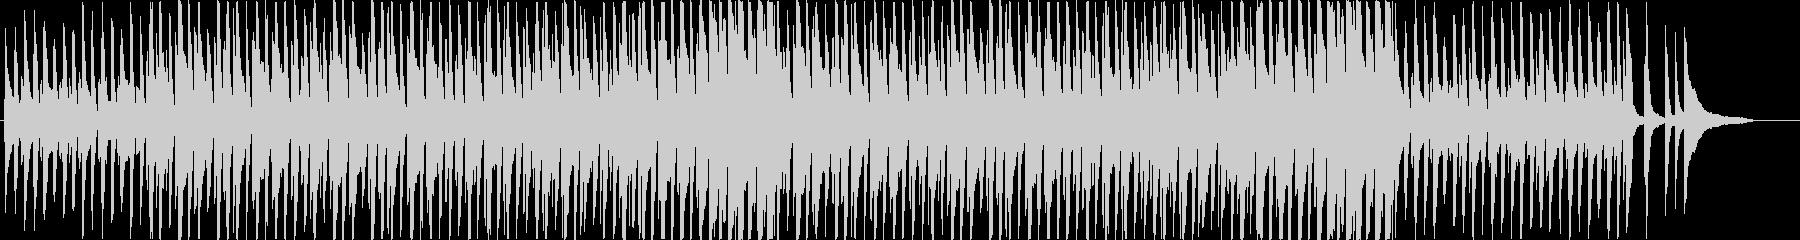 ほのぼのかわいらしいグロッケン・ポップスの未再生の波形